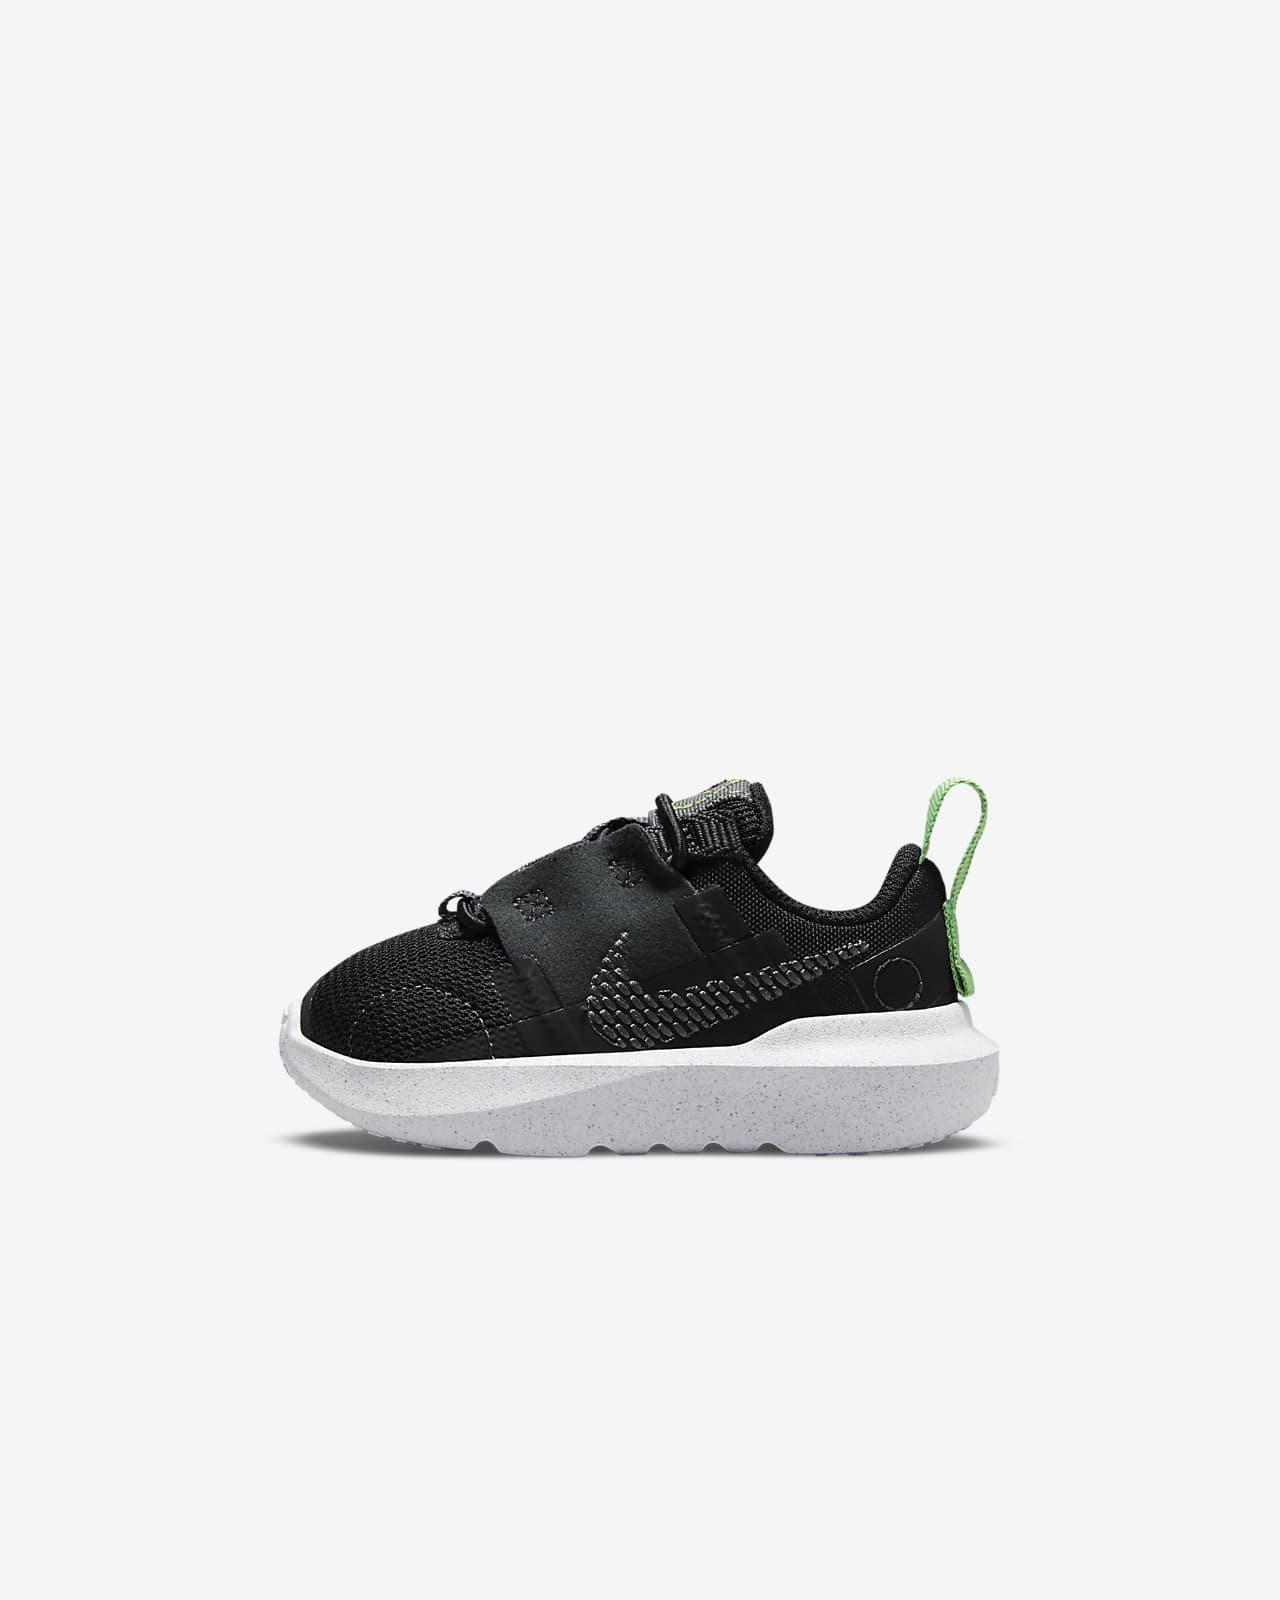 Nike Crater Impact Baby & Toddler Shoe